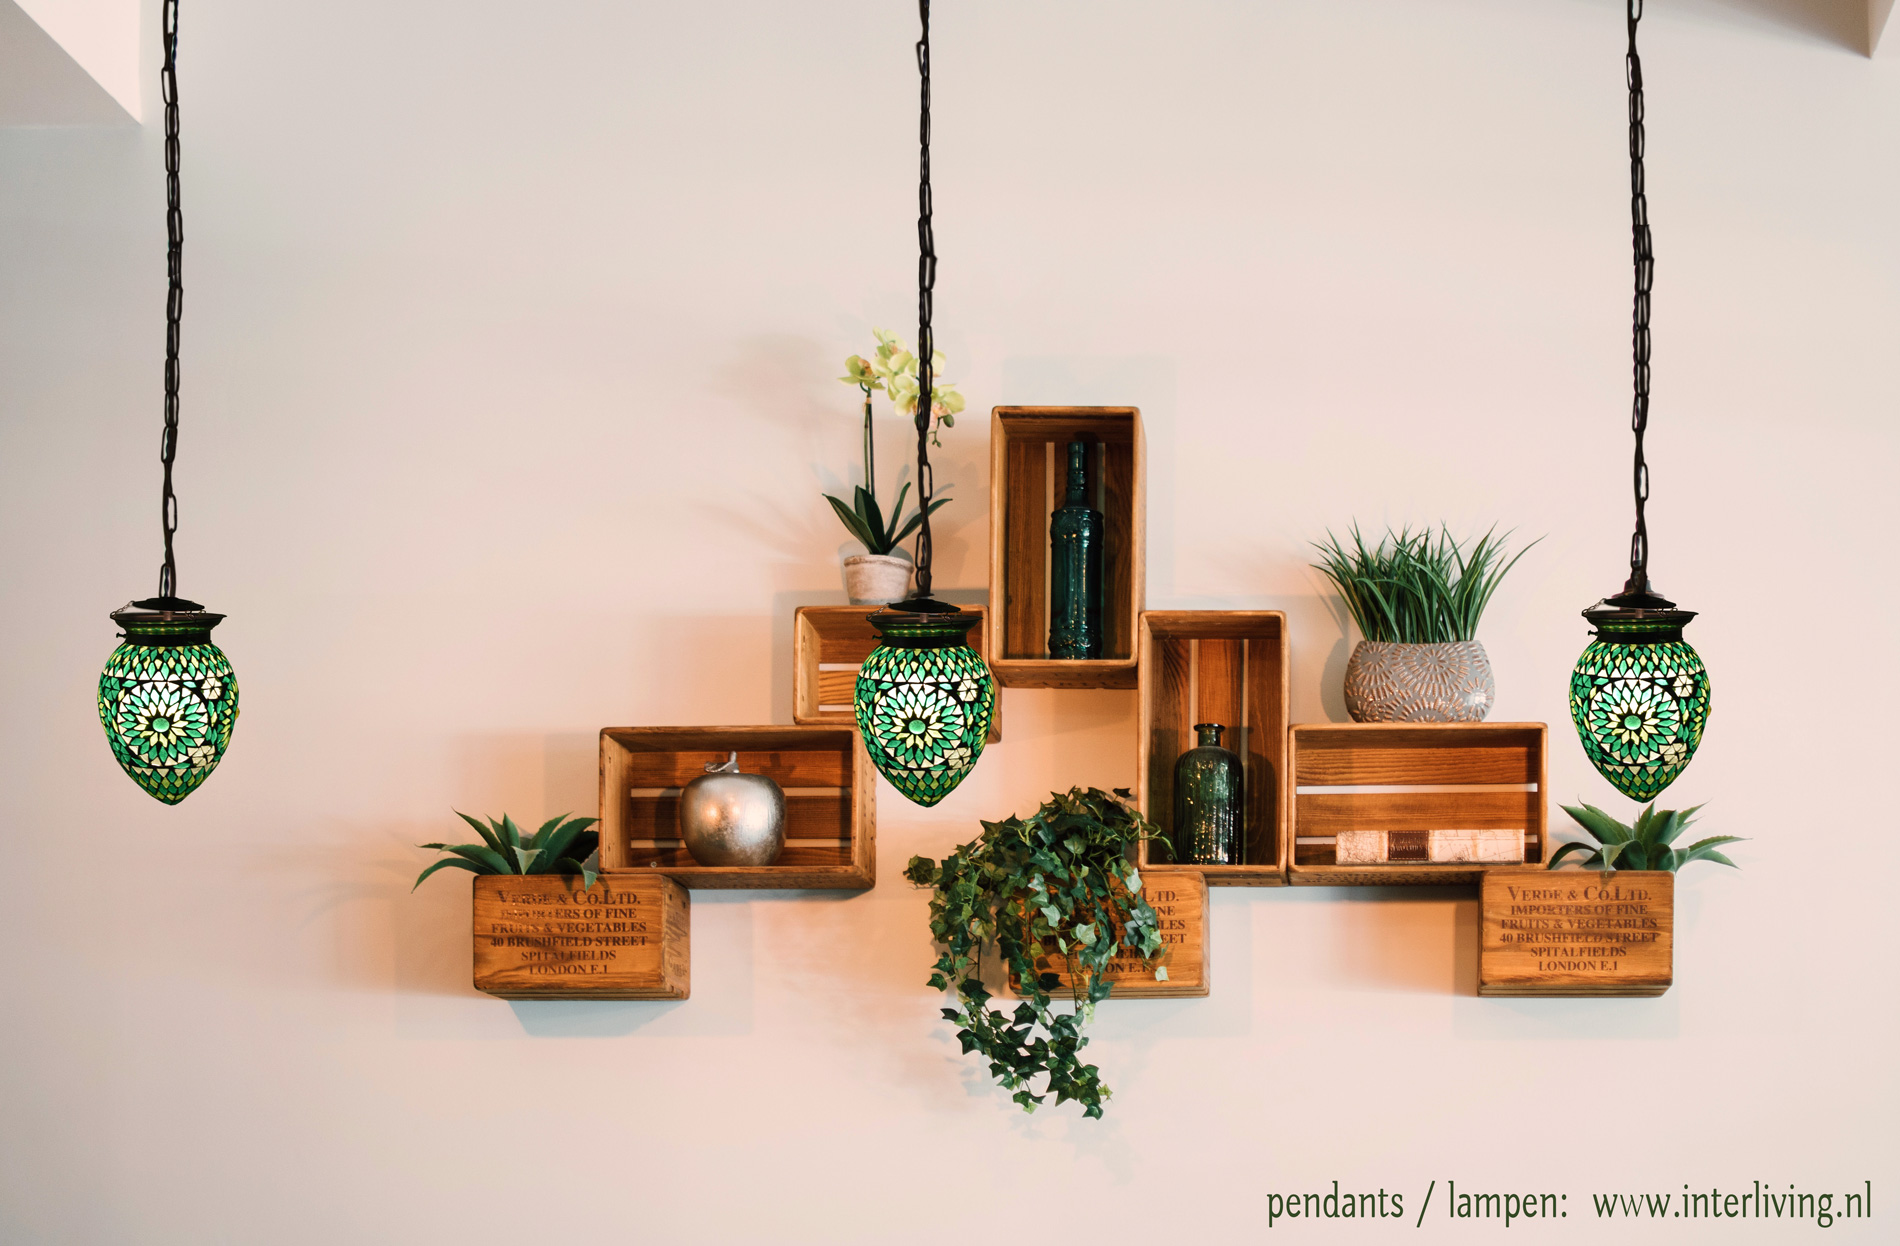 botanische woonstijl - urban jungle met tropische prints styling idee een groene hanglamp